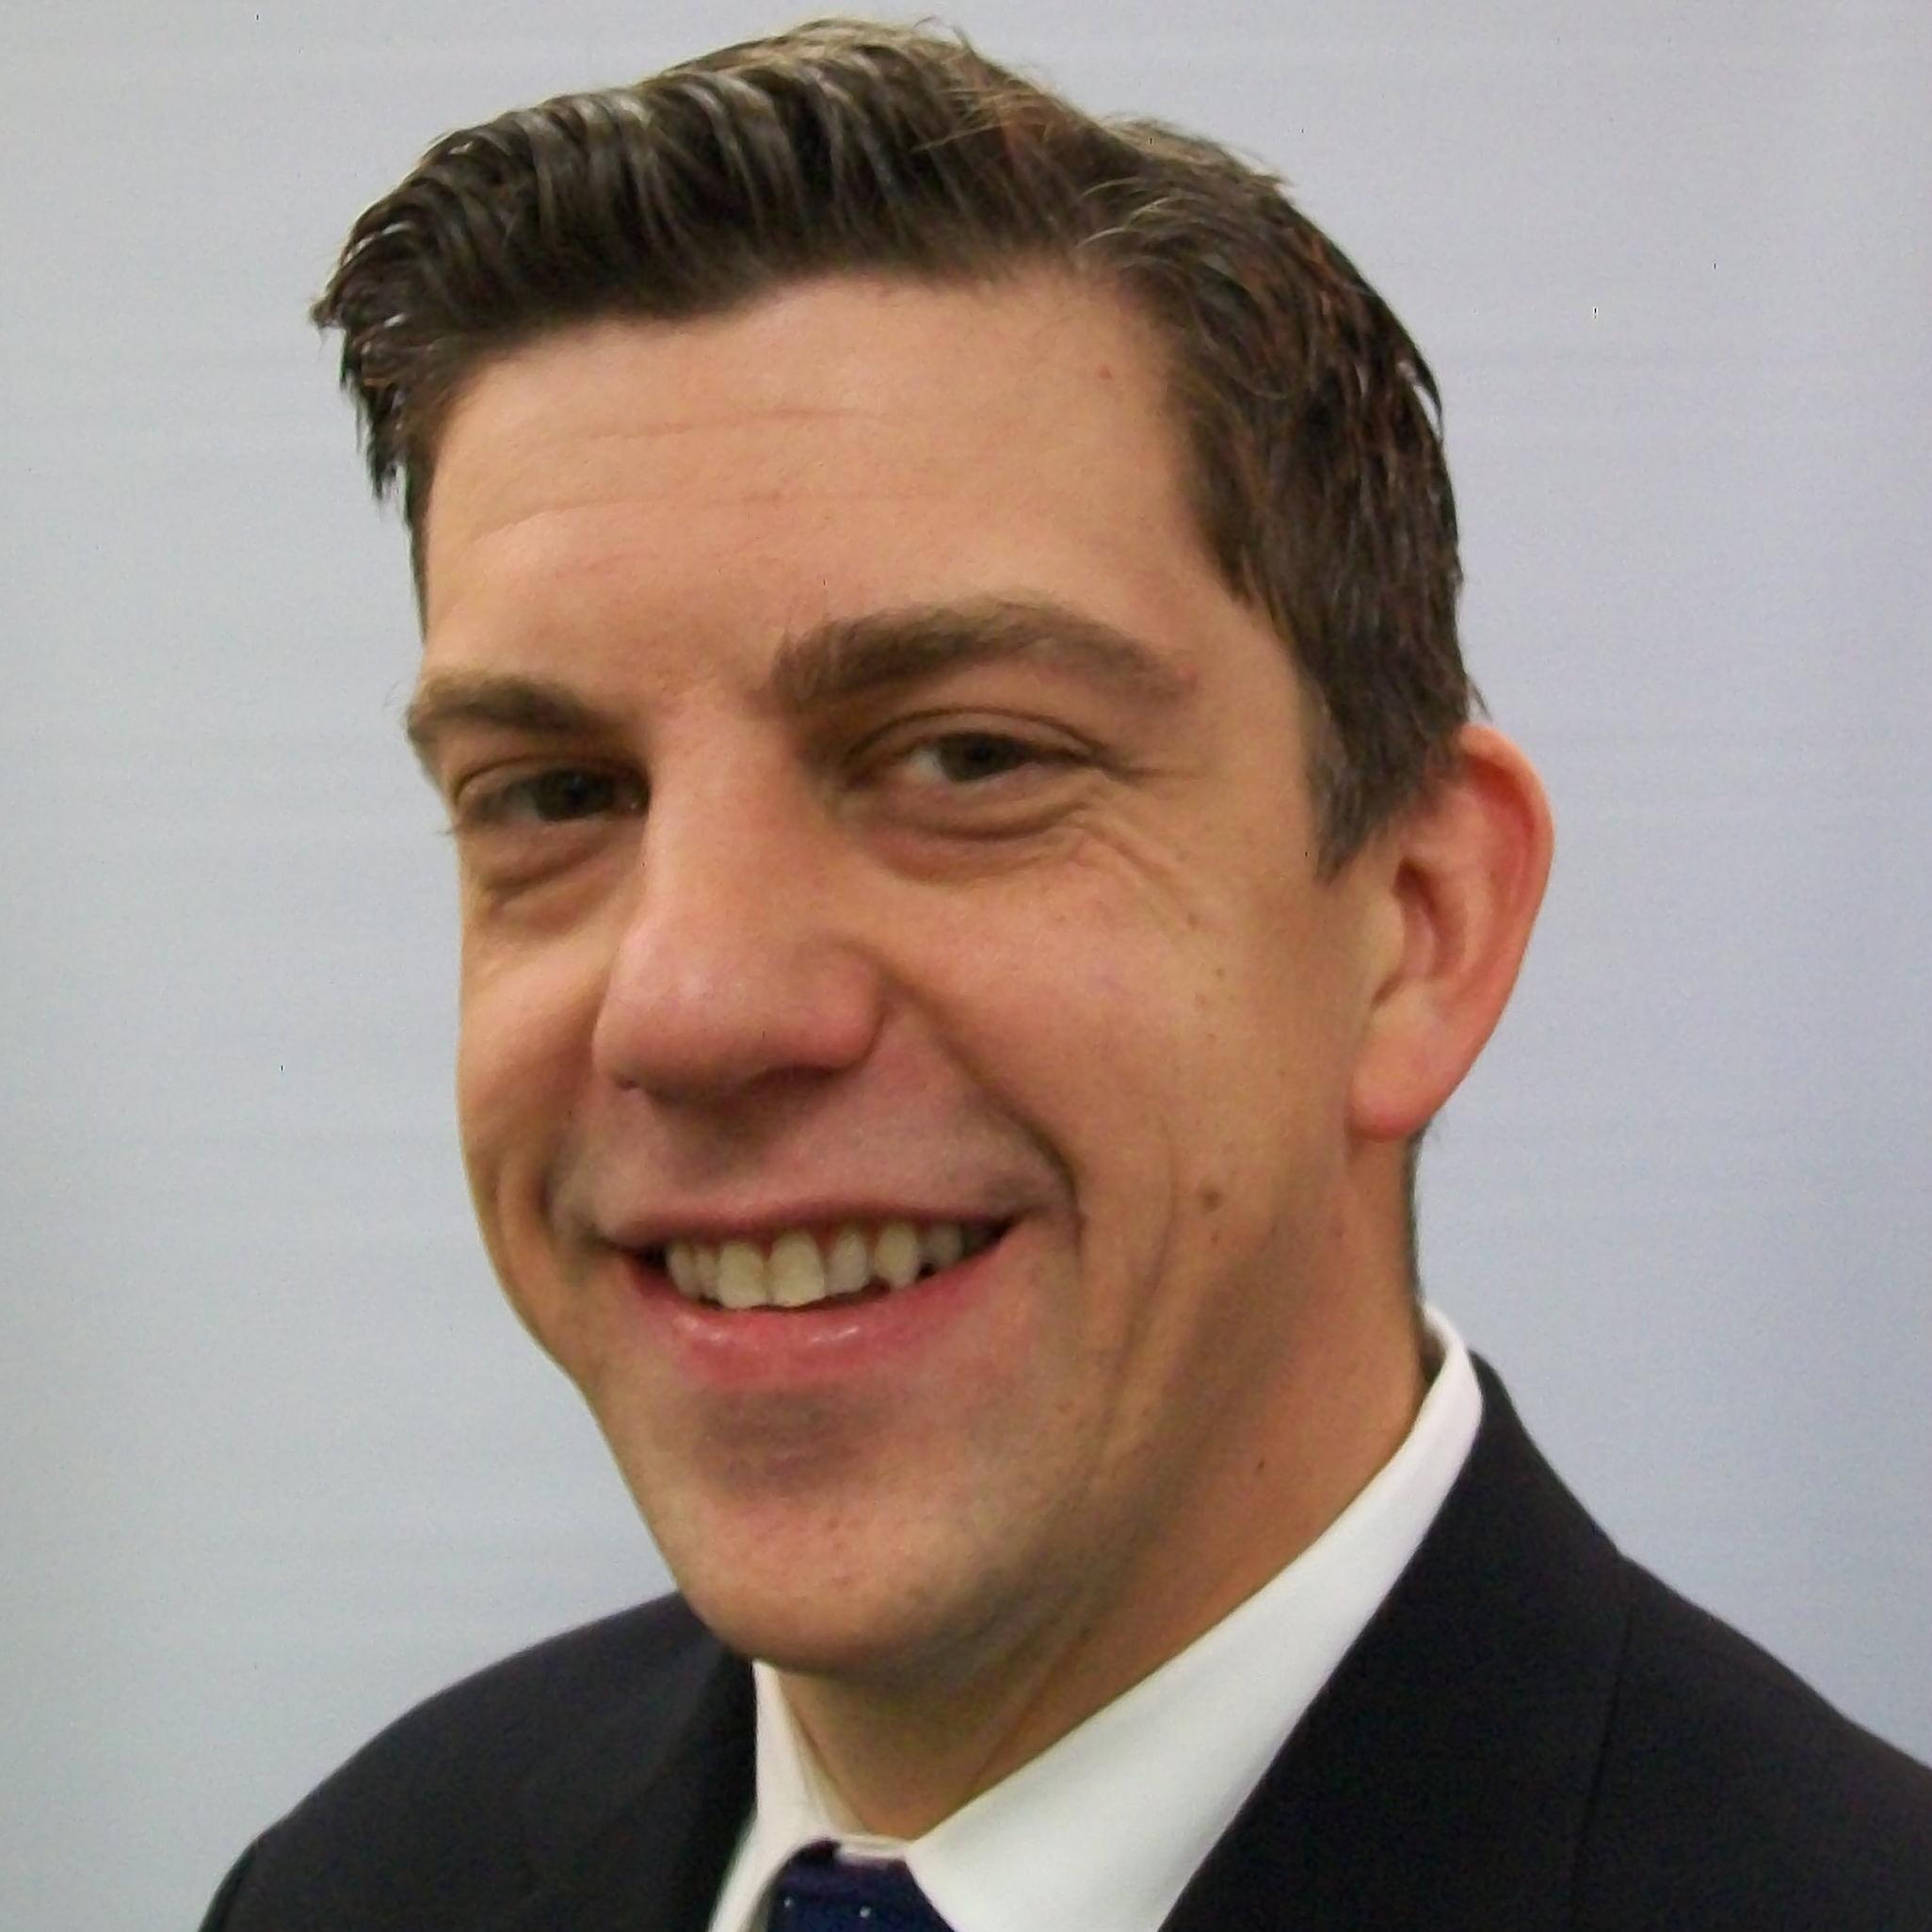 Sean McConville